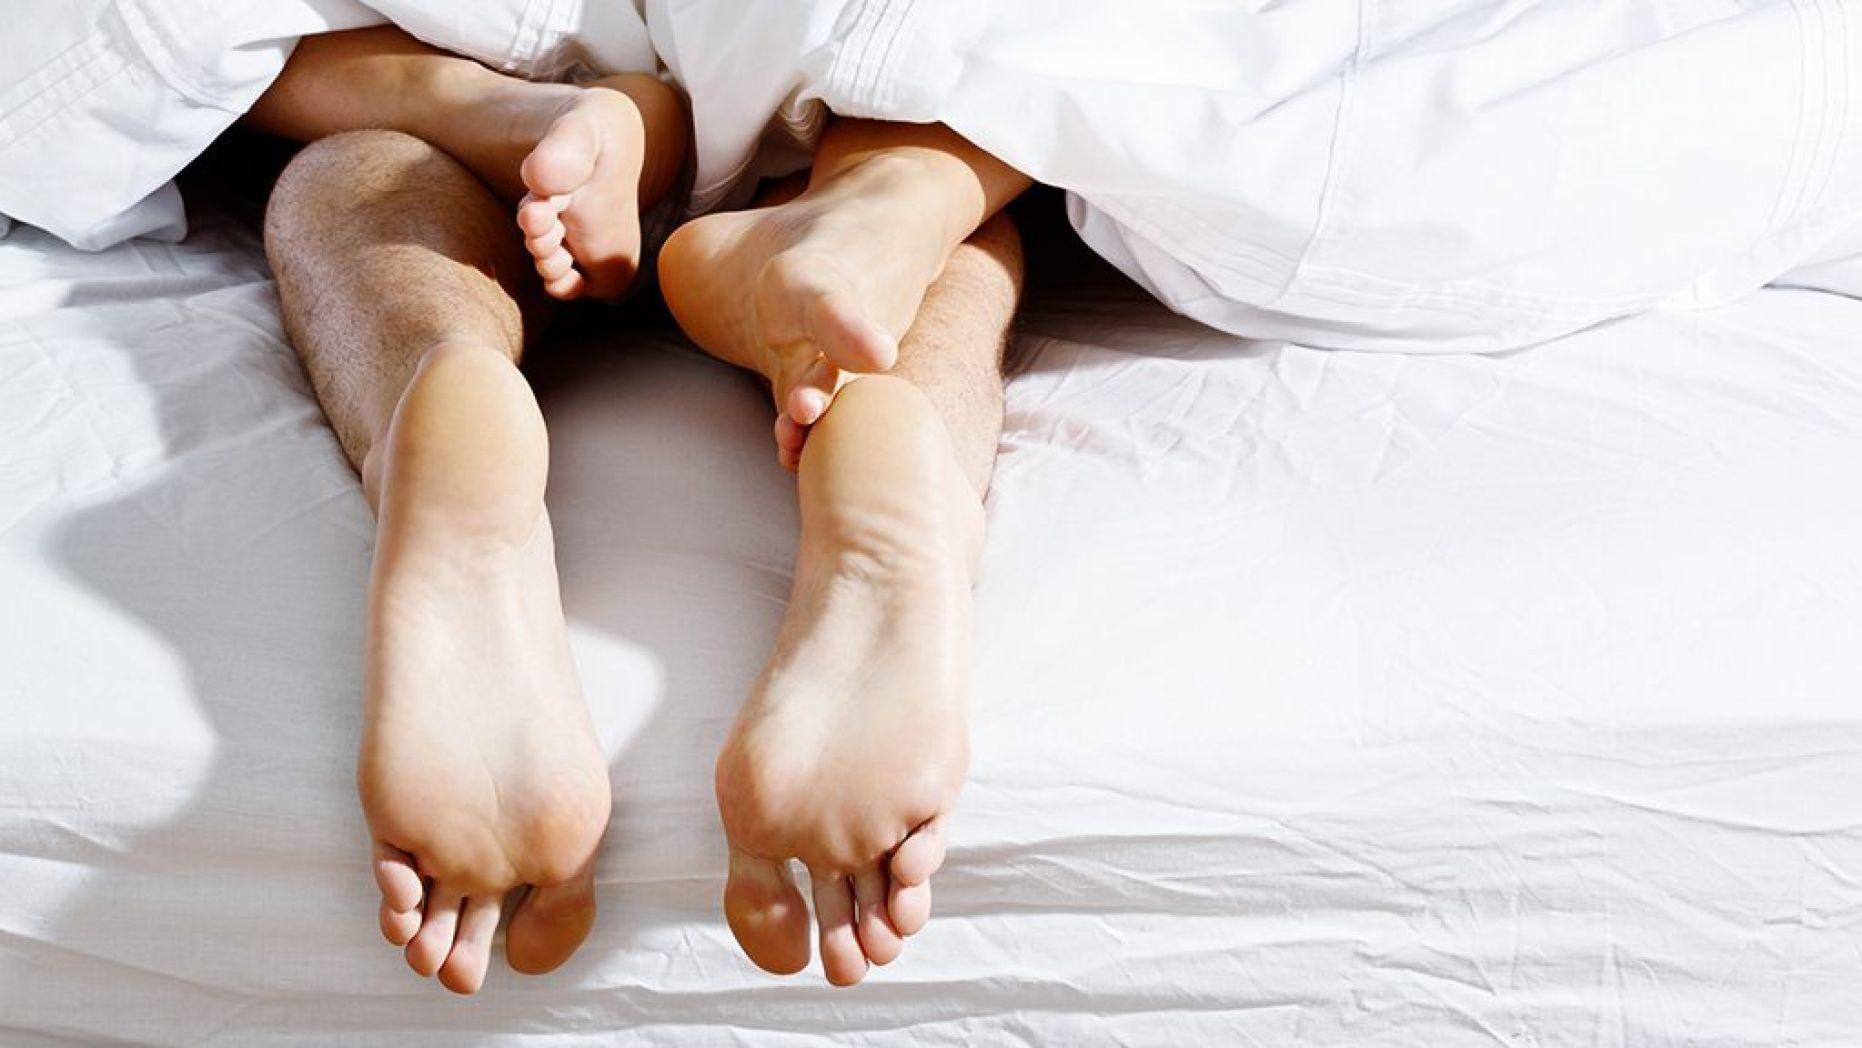 Quan hệ tình dục xong rửa và đi vệ sinh có thai không?